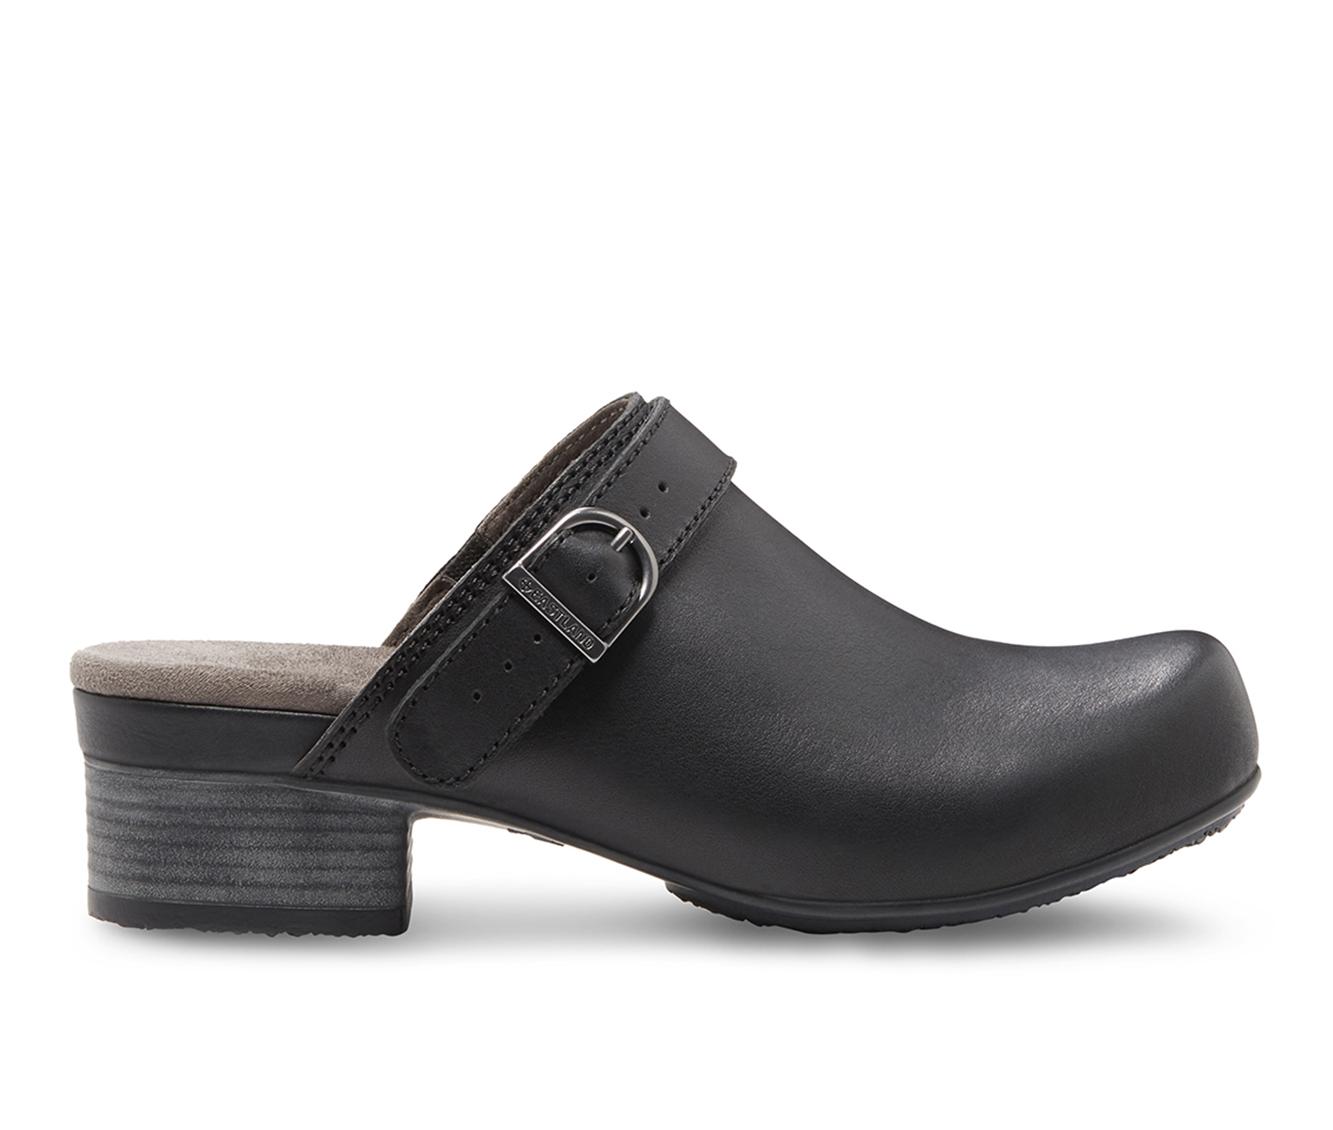 Eastland Adele Women's Shoe (Black Leather)